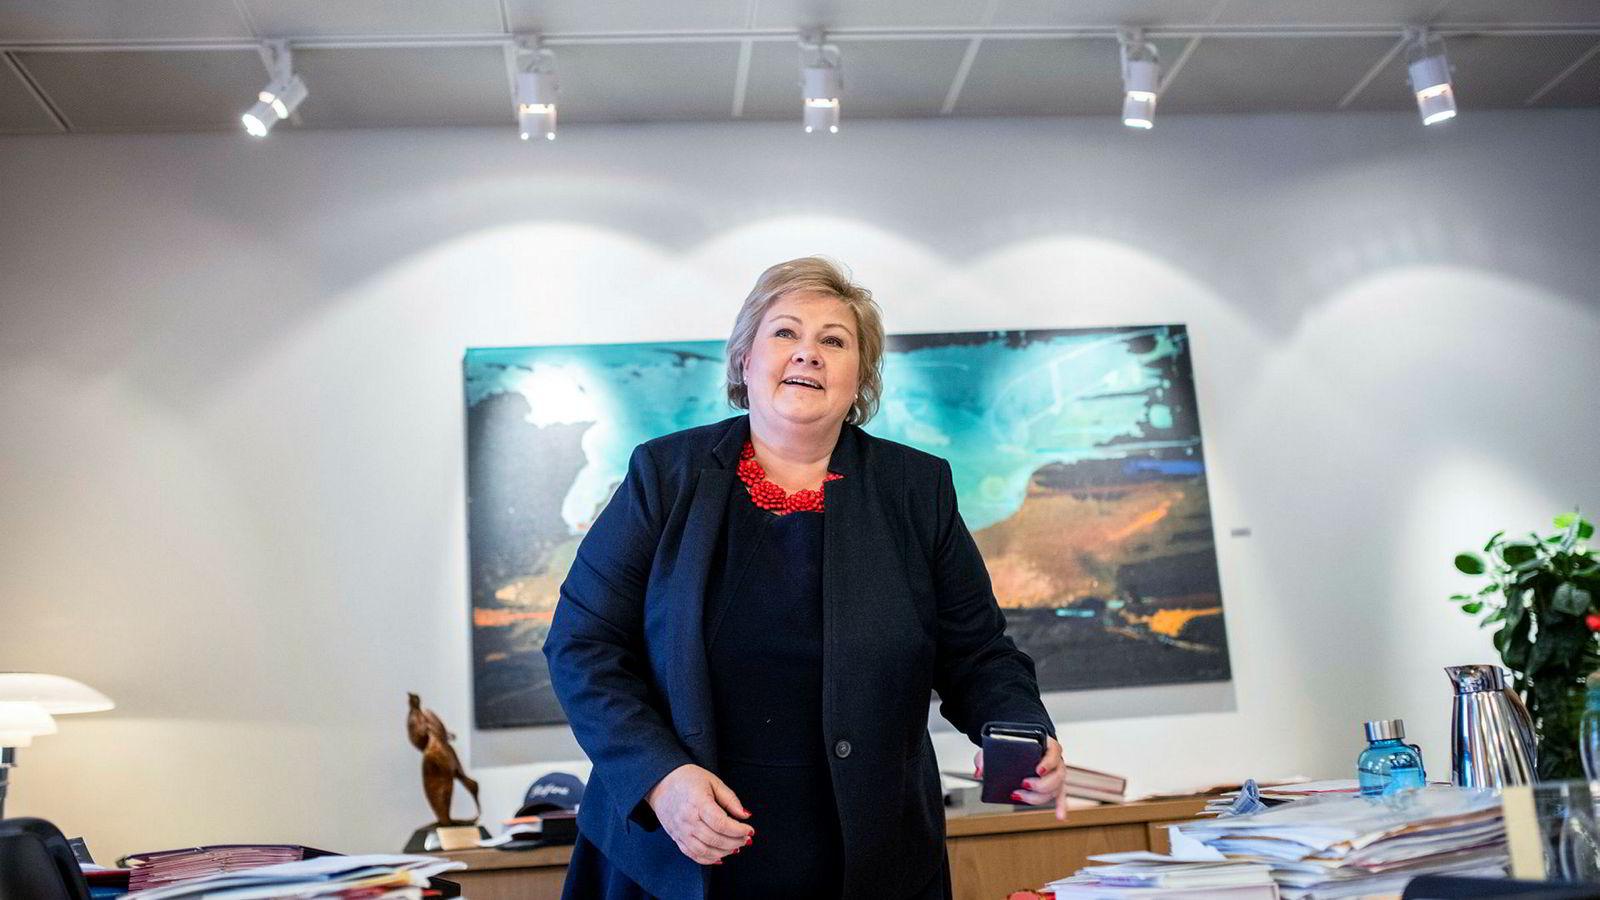 Statsminister Erna Solberg sier en flertallsregjering ønsker samarbeid i Stortinget.